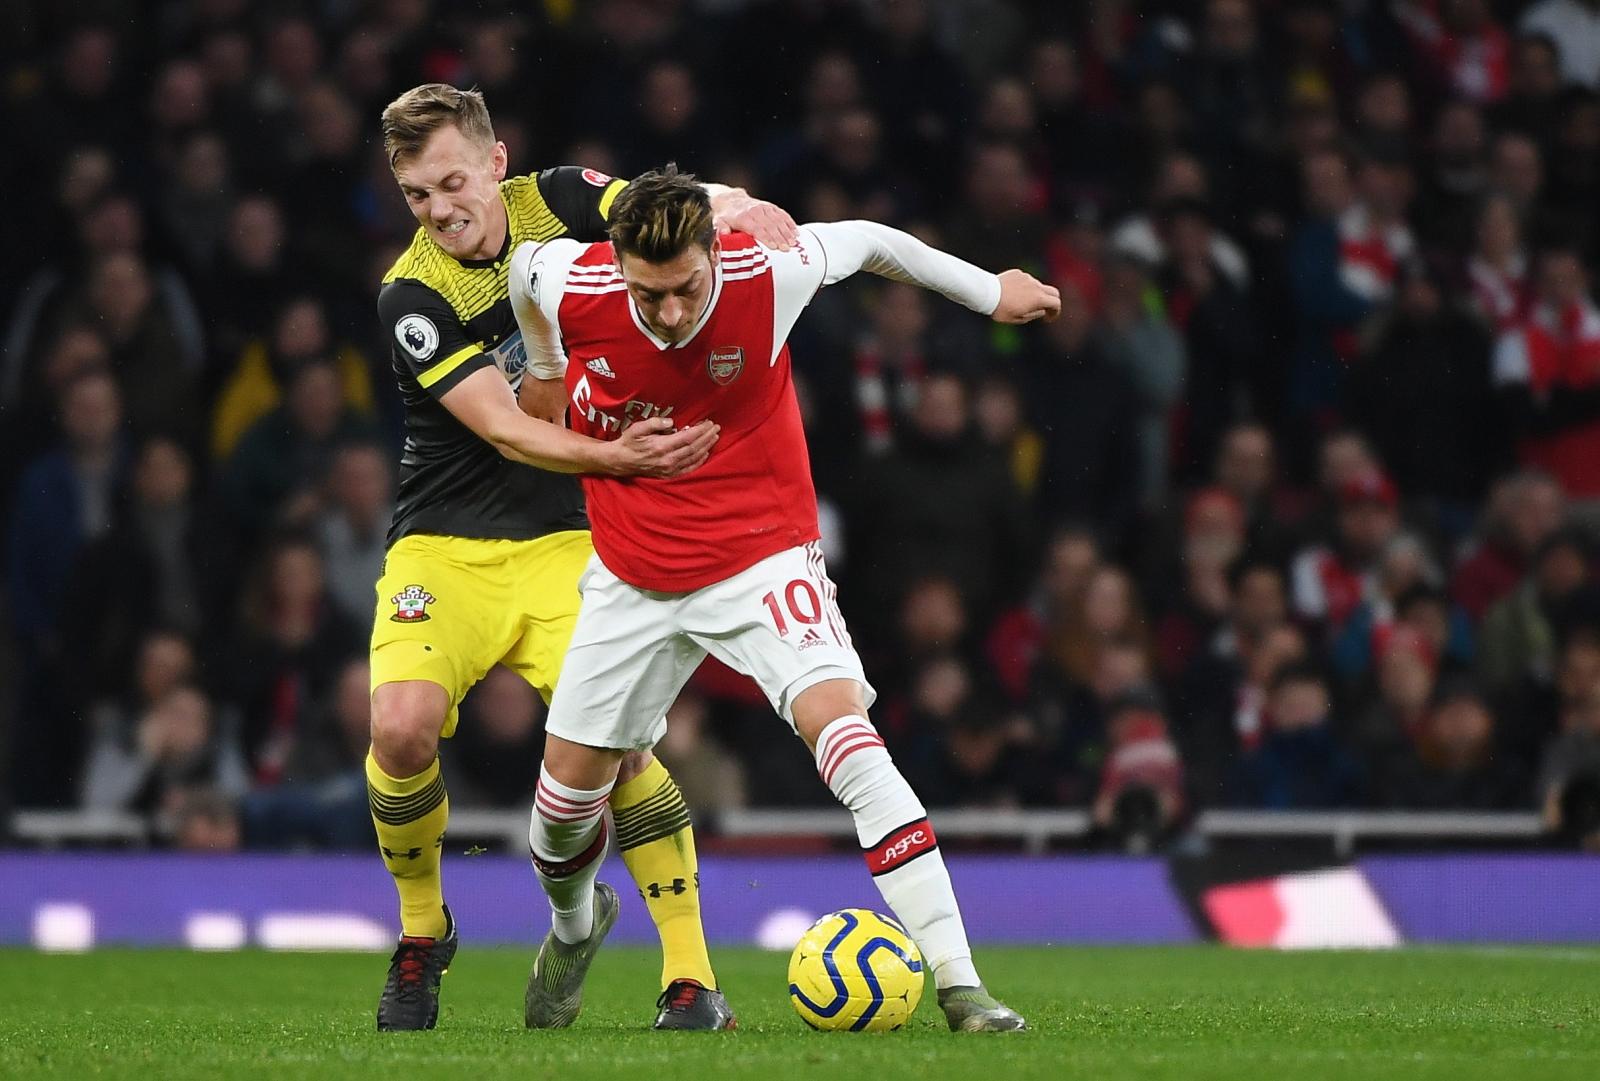 Premier League. Frustracja w Arsenalu po remisie z Southampton. Władze klubu w szatni Kanonierów - Sport WP SportoweFakty